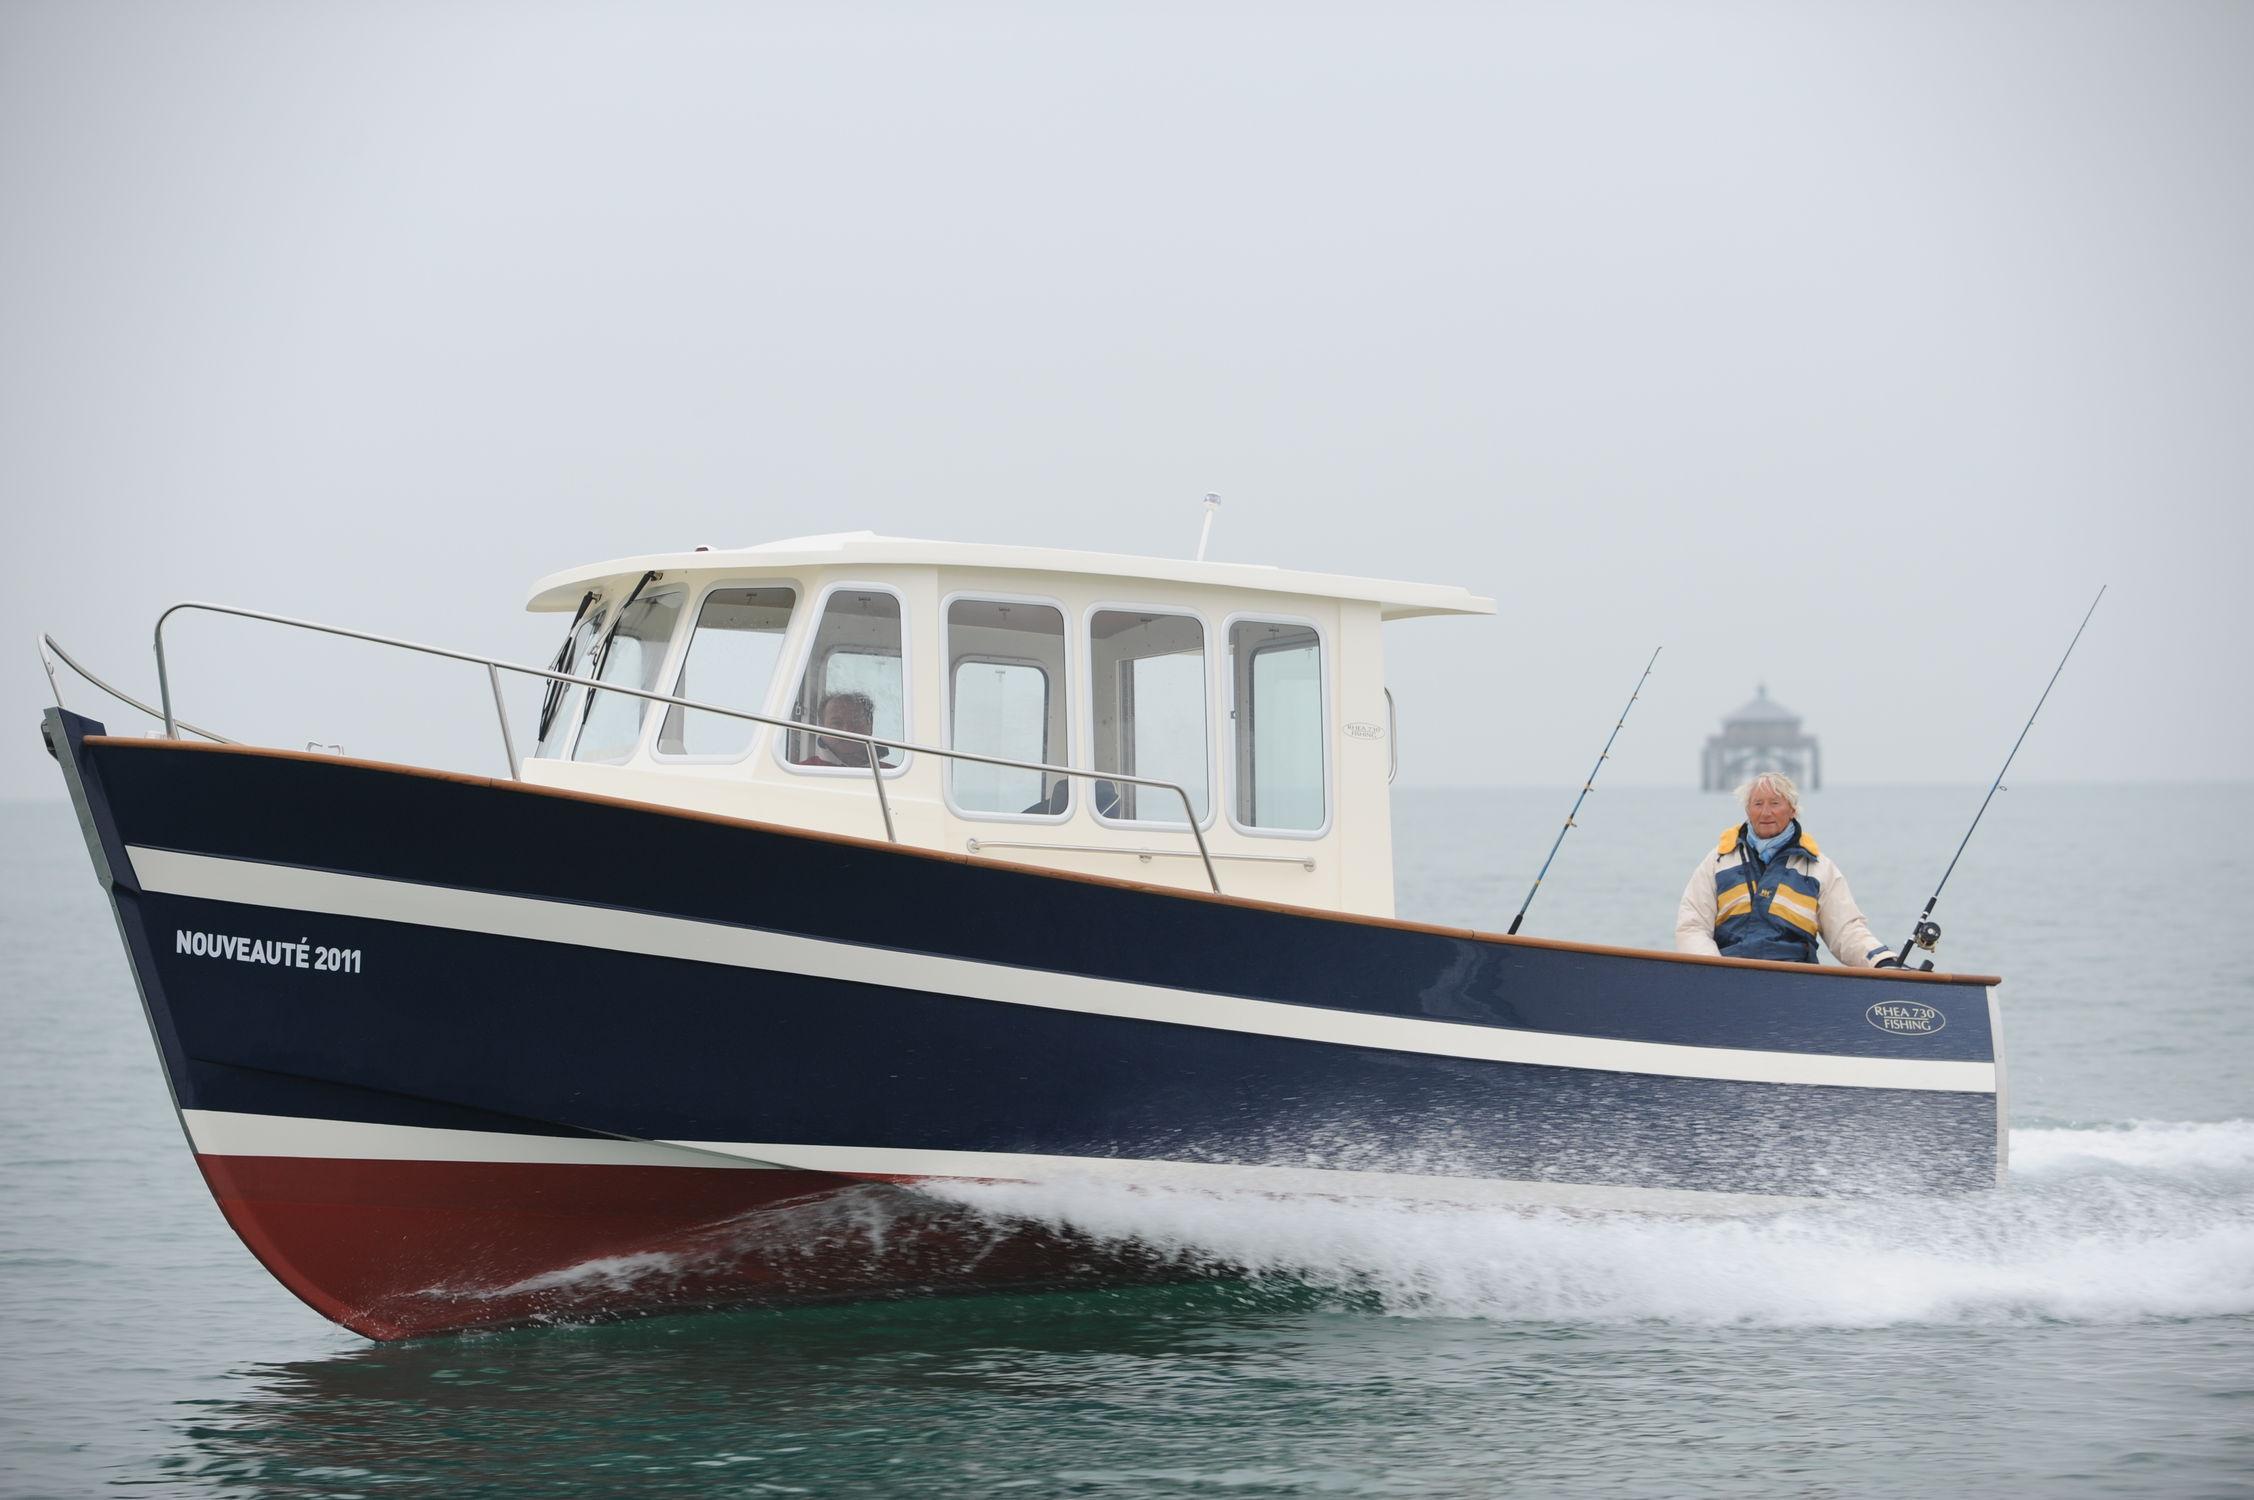 bateau peche rhea